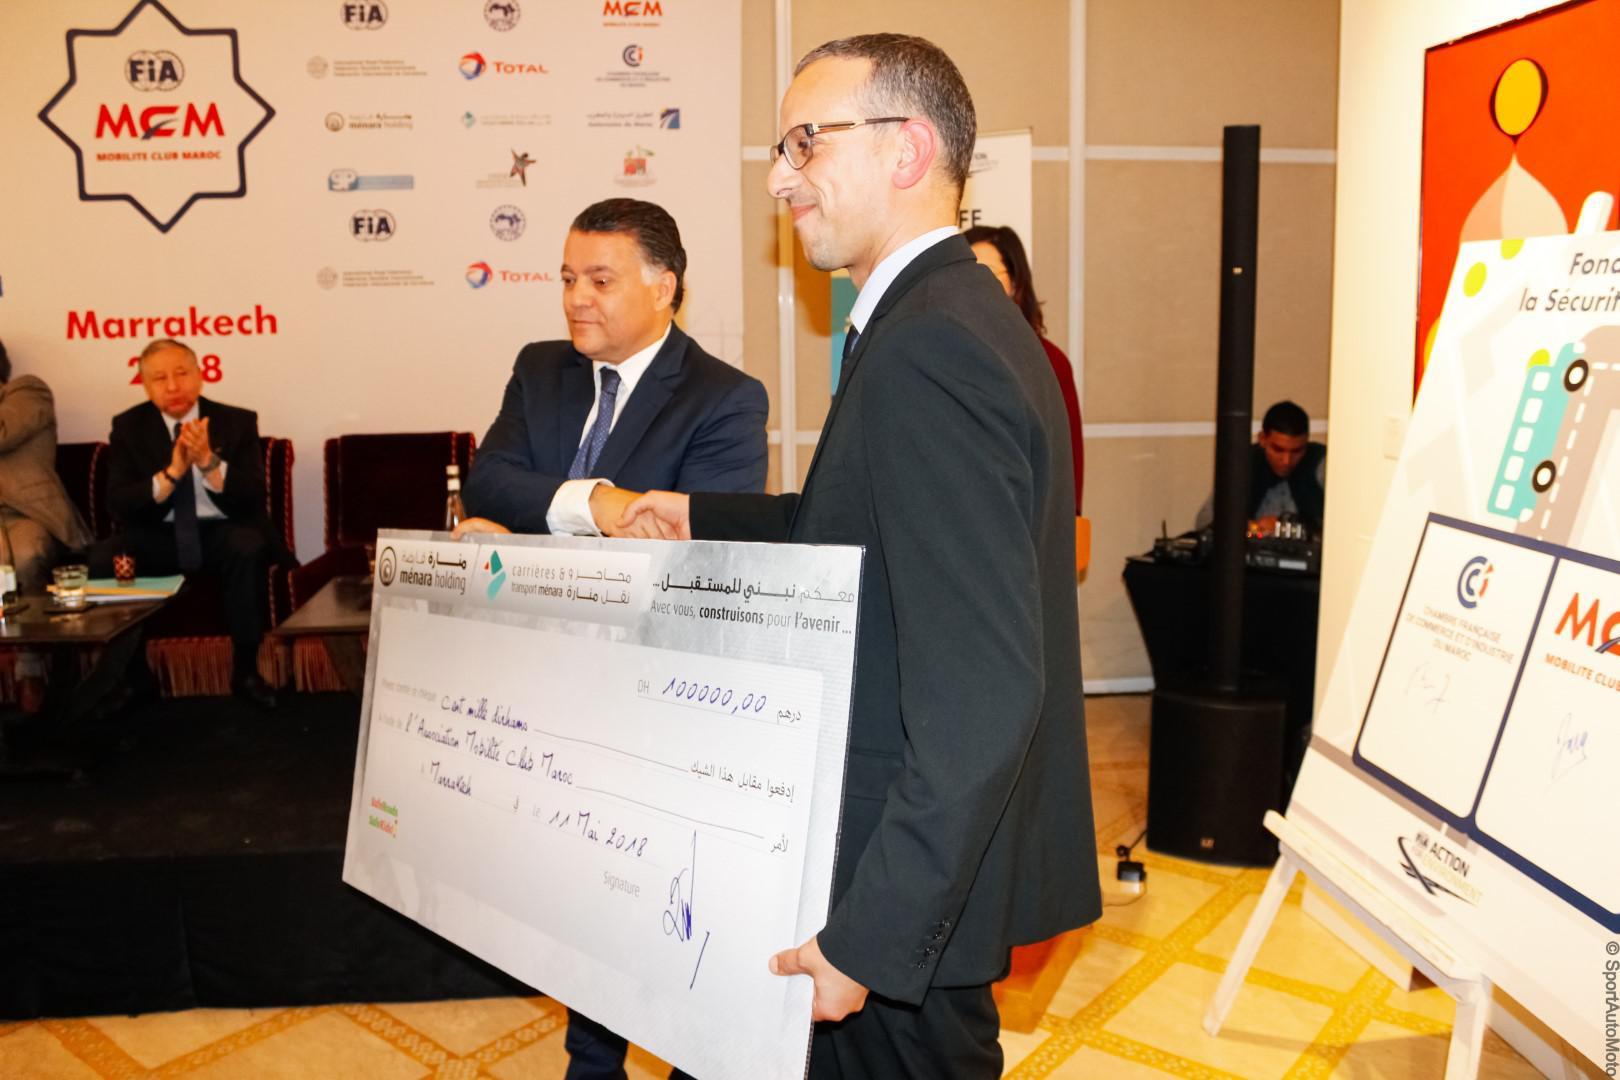 mobilite-club-maroc-mcm-devoile-son-programme-et-ses-partenariats-786-17.jpg